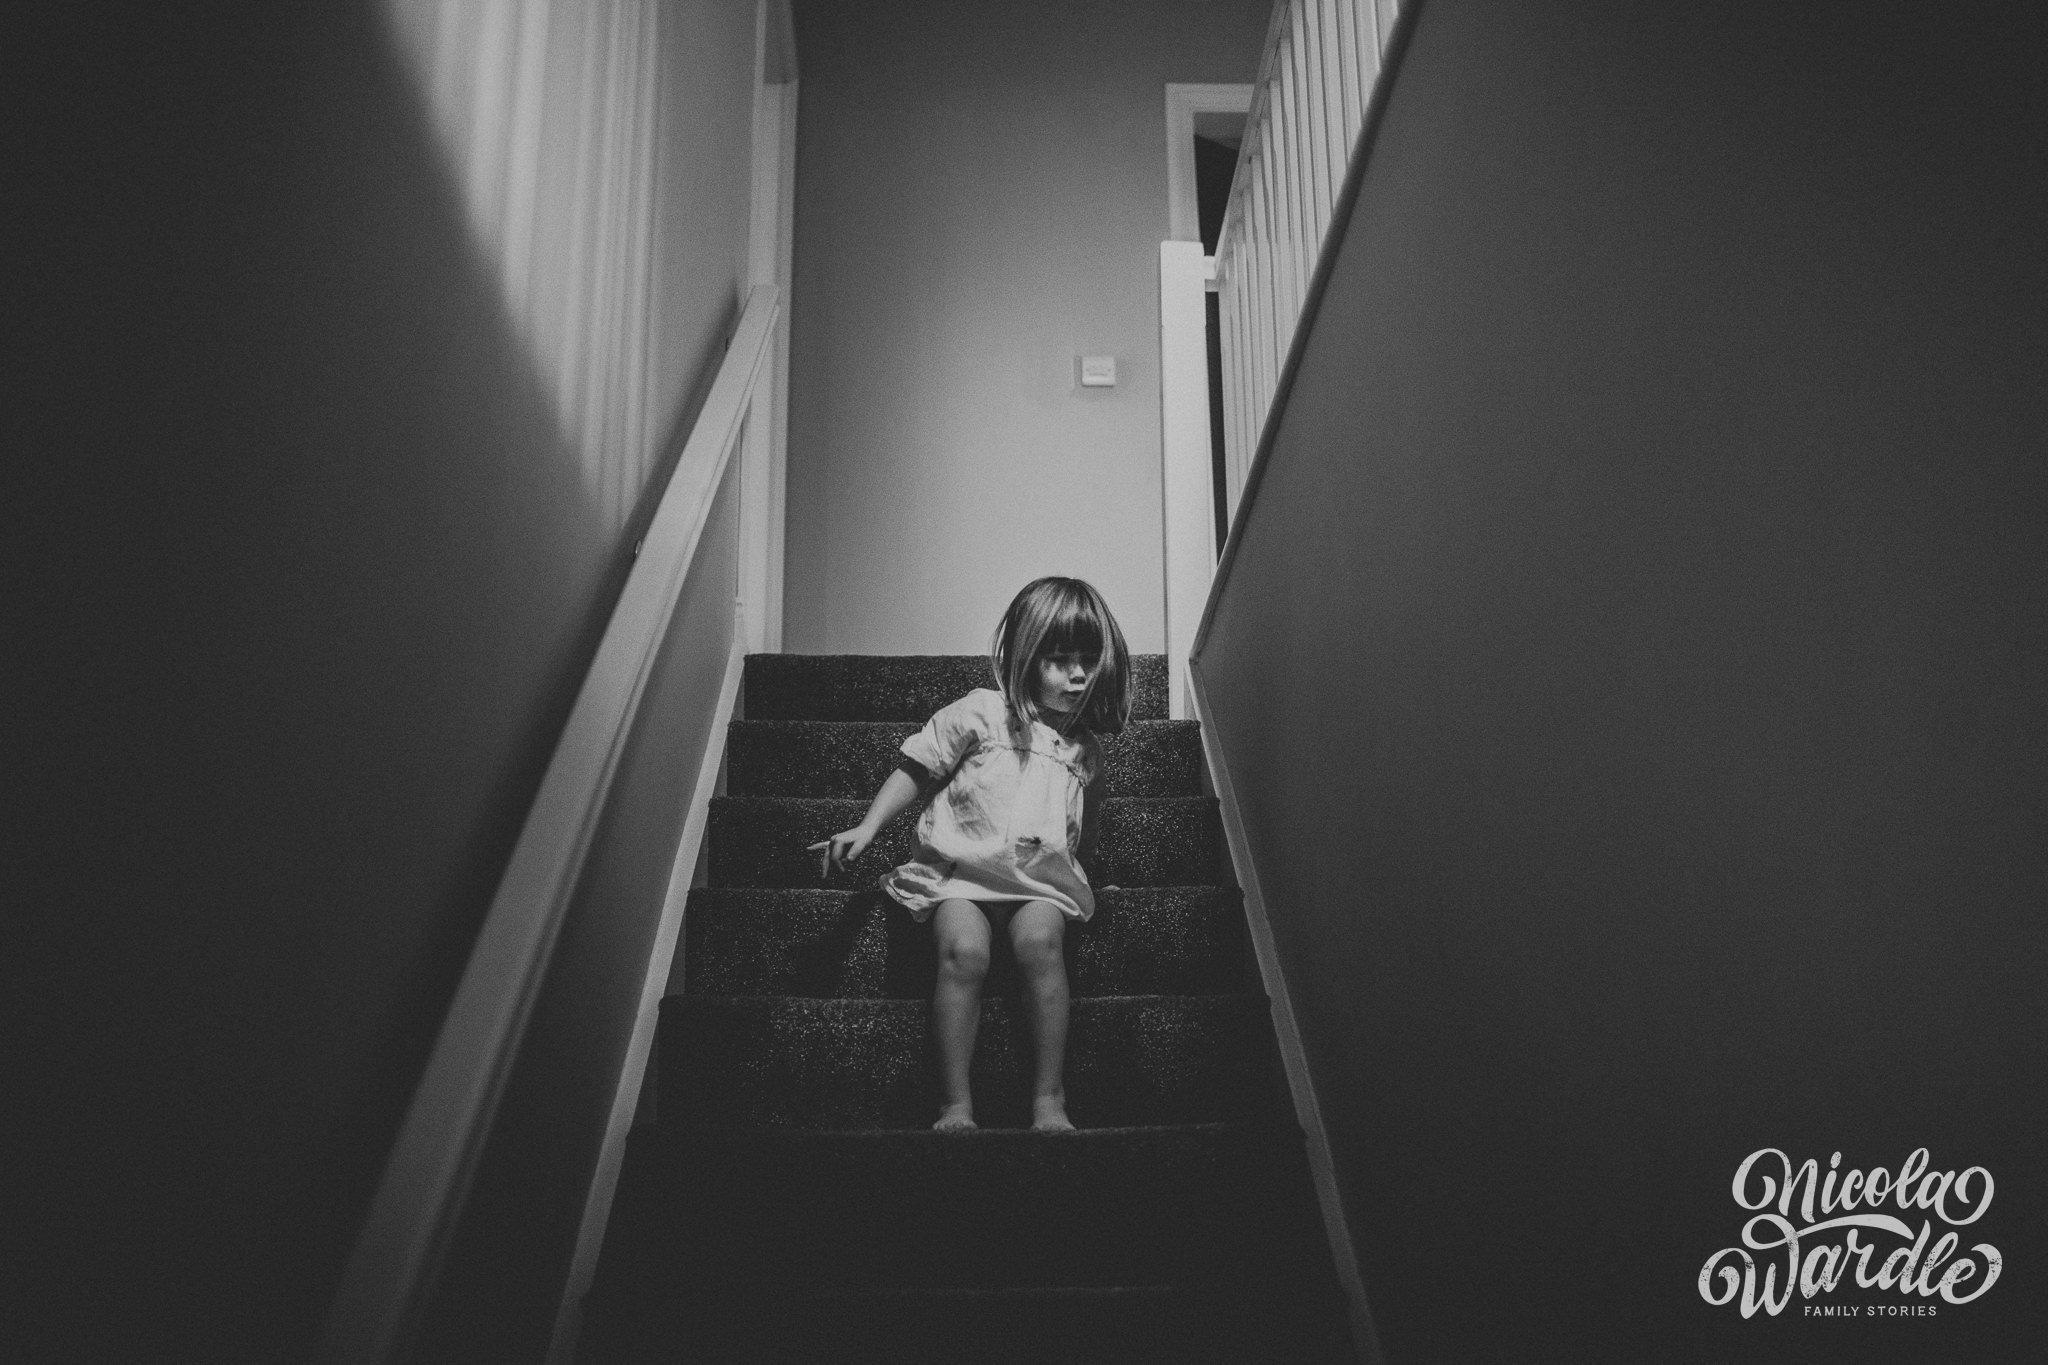 NWP_Stairs_13022017.jpg